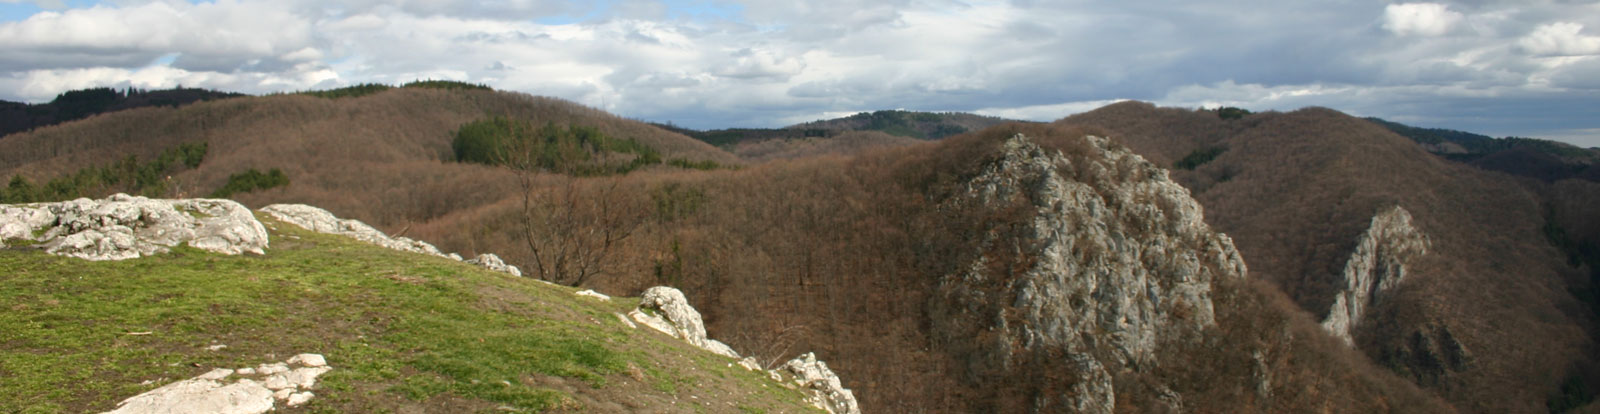 nacionalni-park-kozara-reljef-6